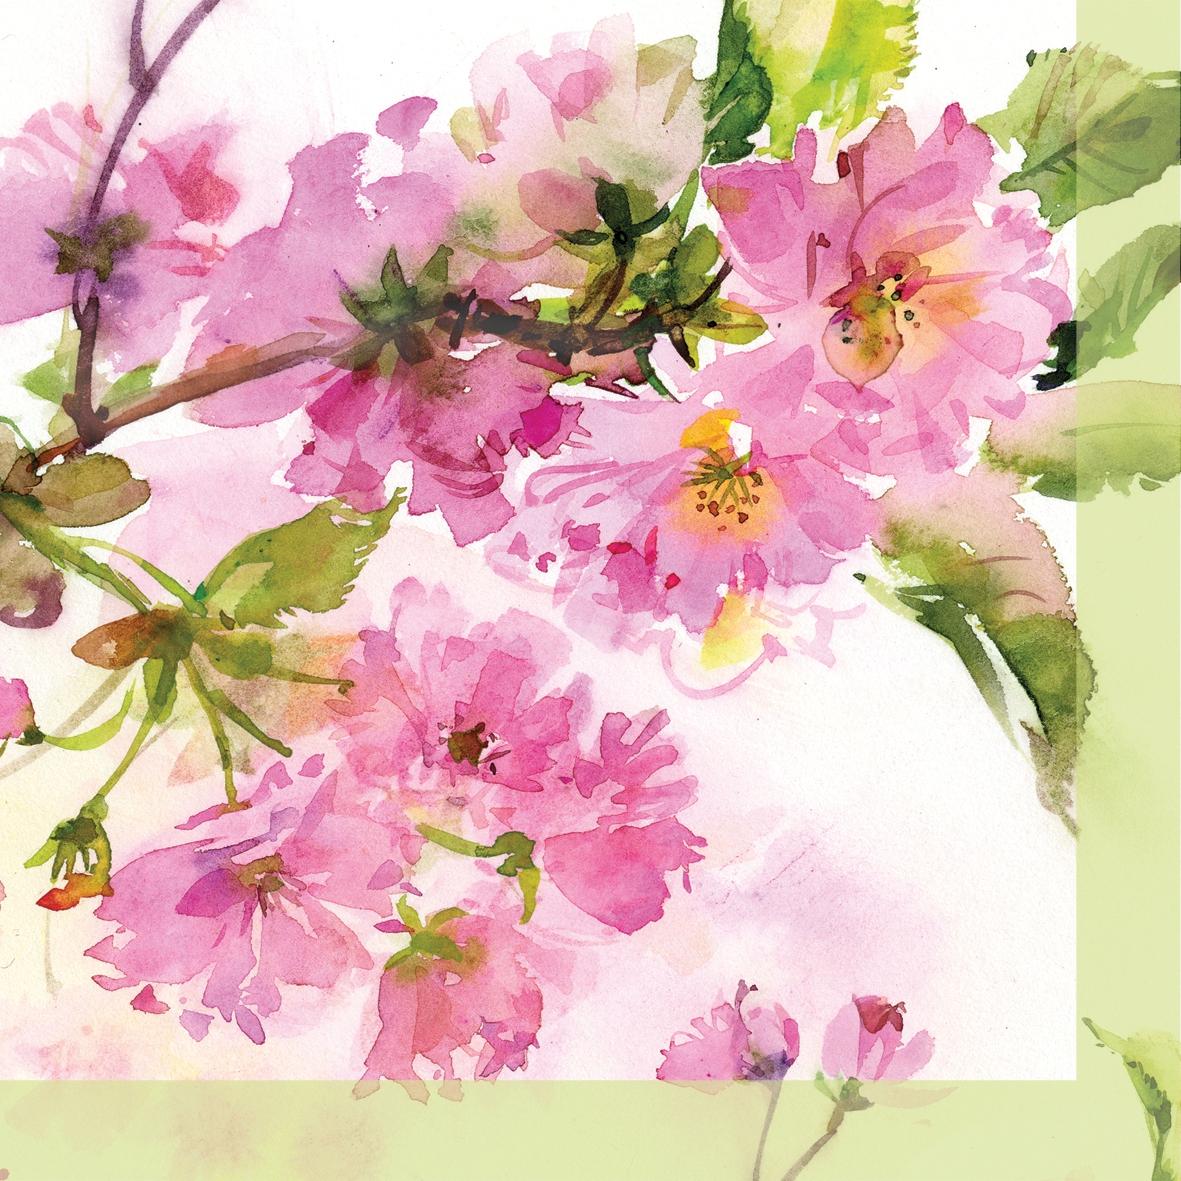 Neuheiten ppd ,  Blumen -  Sonstige,  Everyday,  lunchservietten,  Kirschblüte